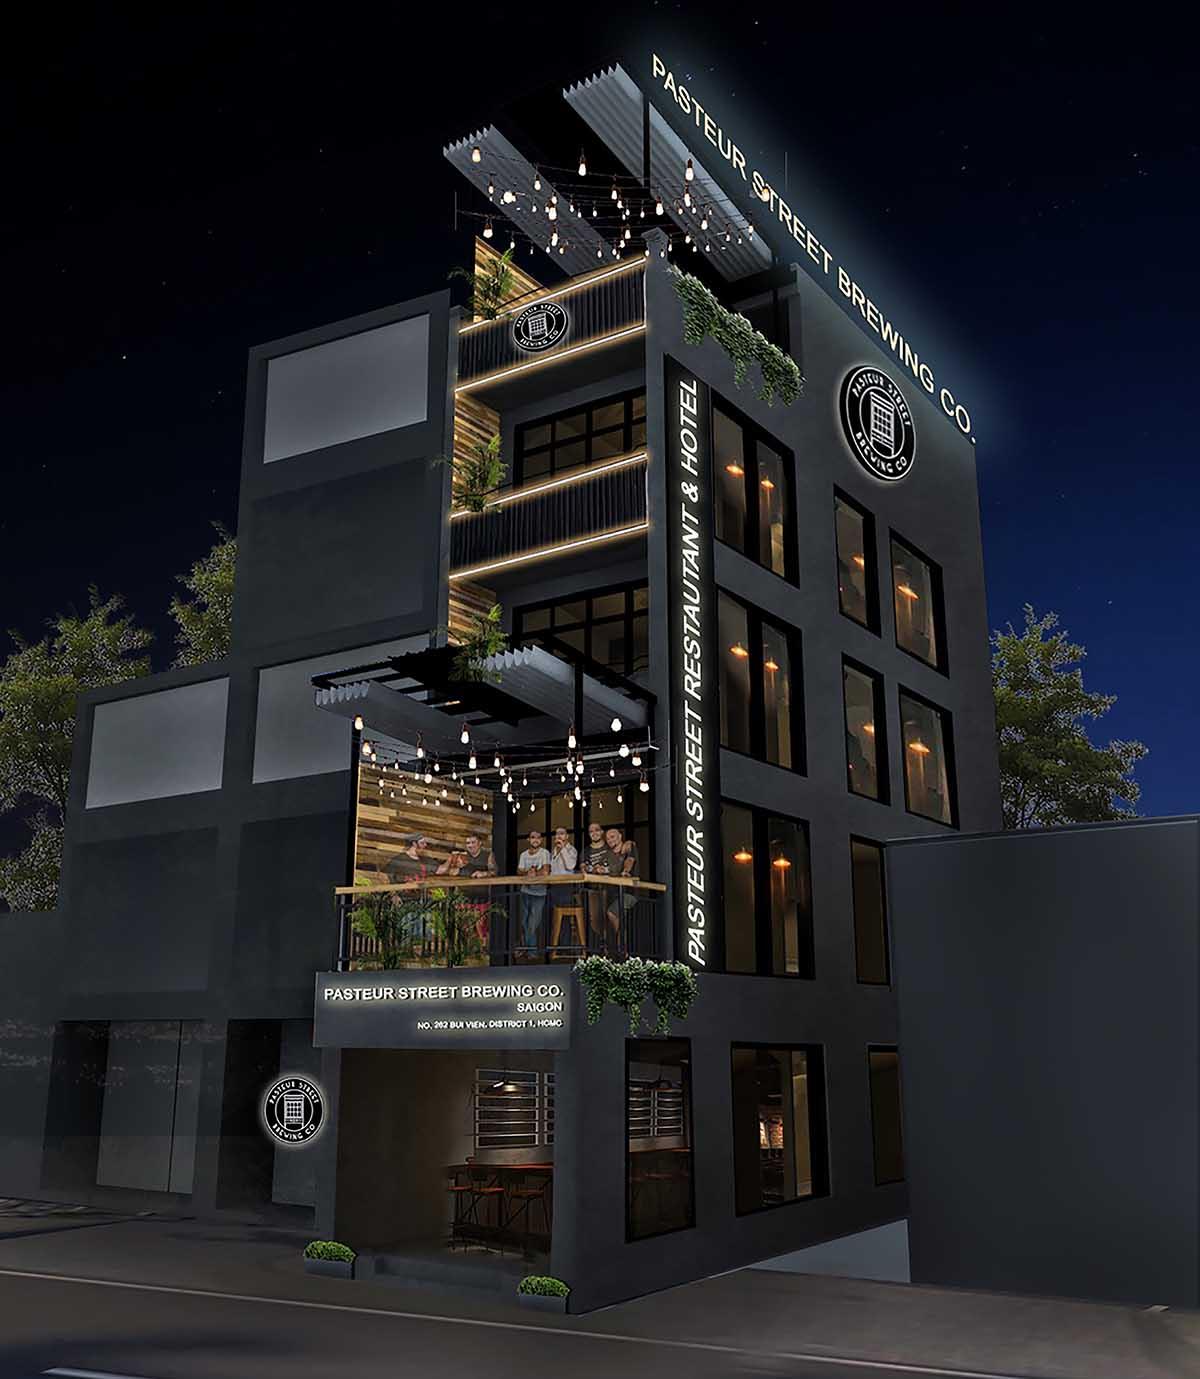 Pasteur Street Hotel Taproom rendering